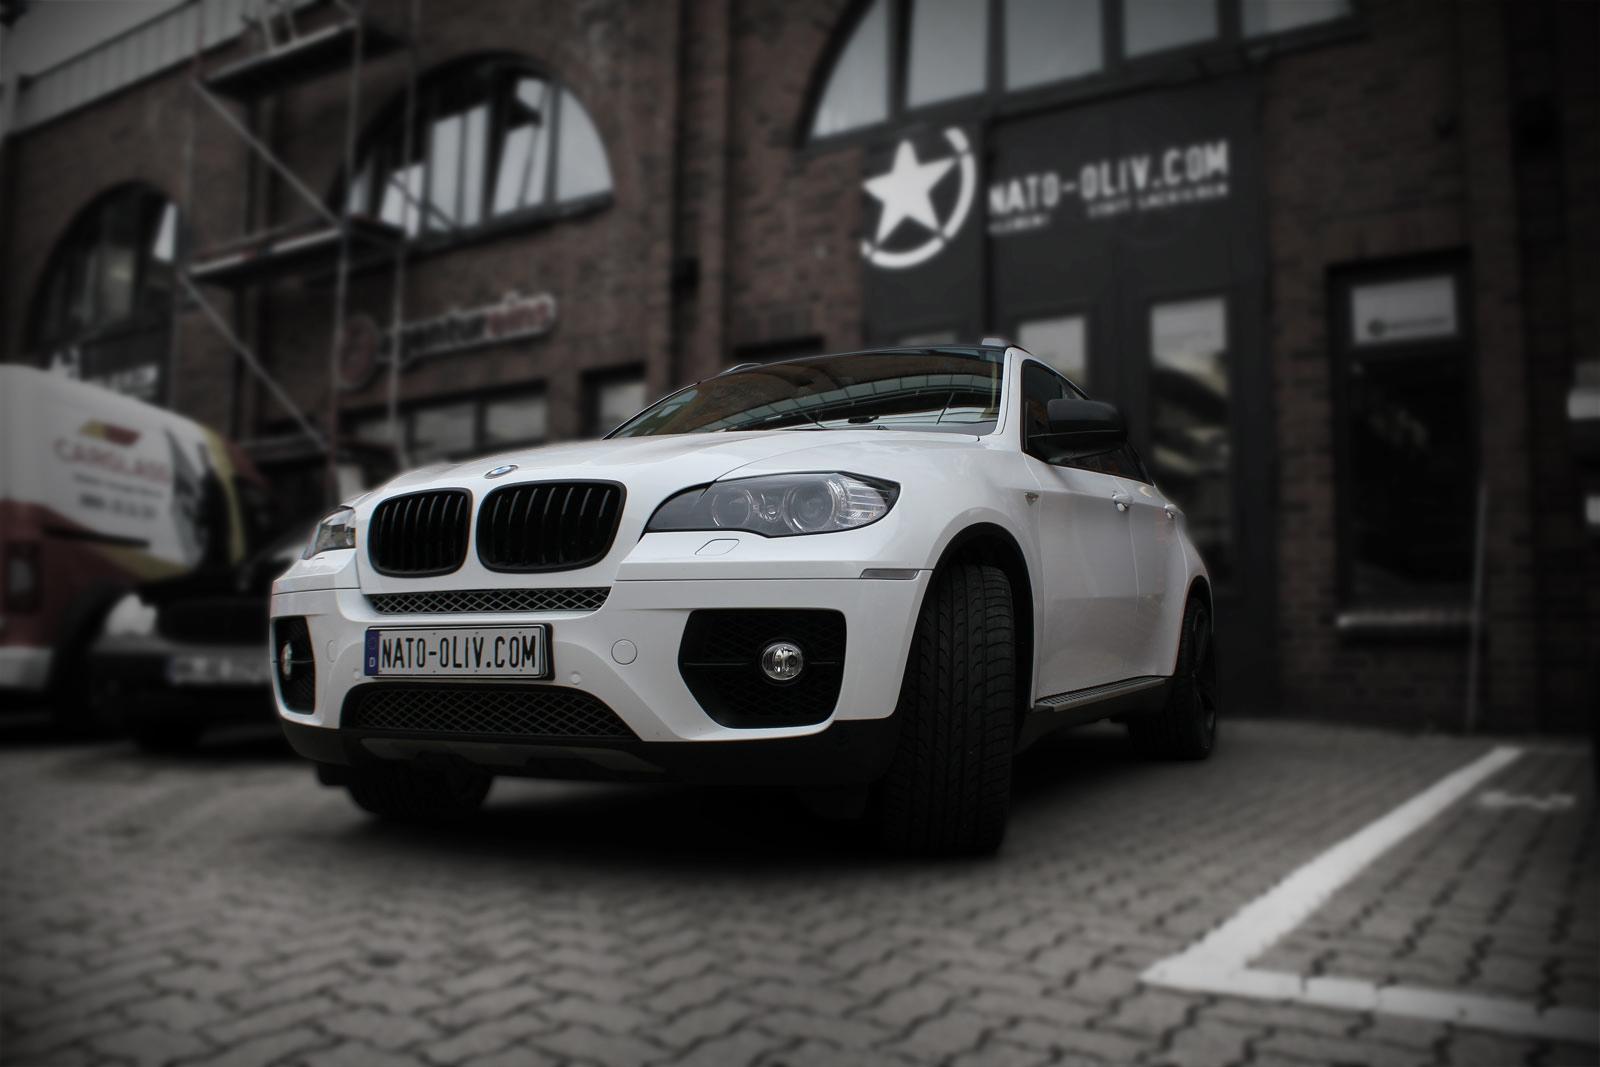 Dieser BMW X6 wurde mit einer weißen Hochleistungsfolie komplett beklebt. Einzelne Teilebekamen eine Folierung in Carbon-Optik